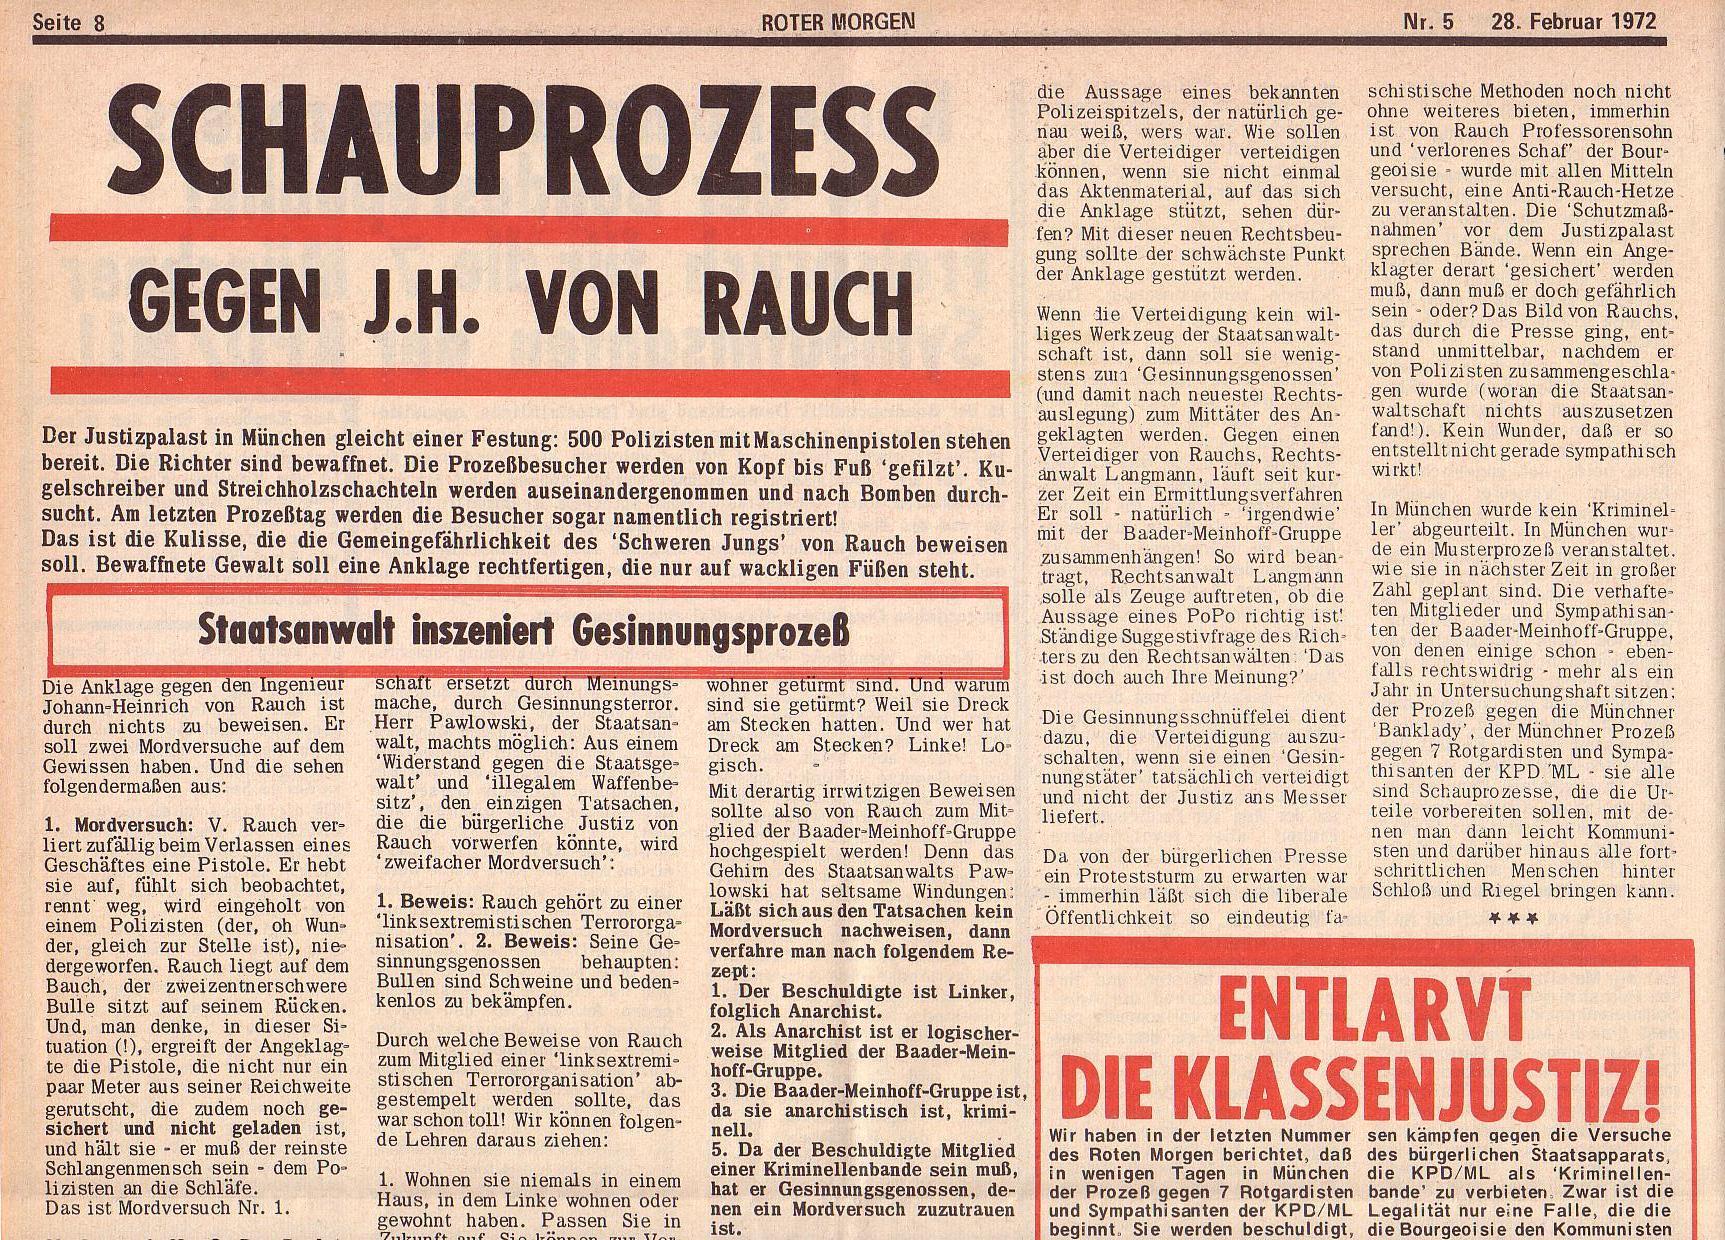 Roter Morgen, 6. Jg., 28. Februar 1972, Nr. 5, Seite 8a